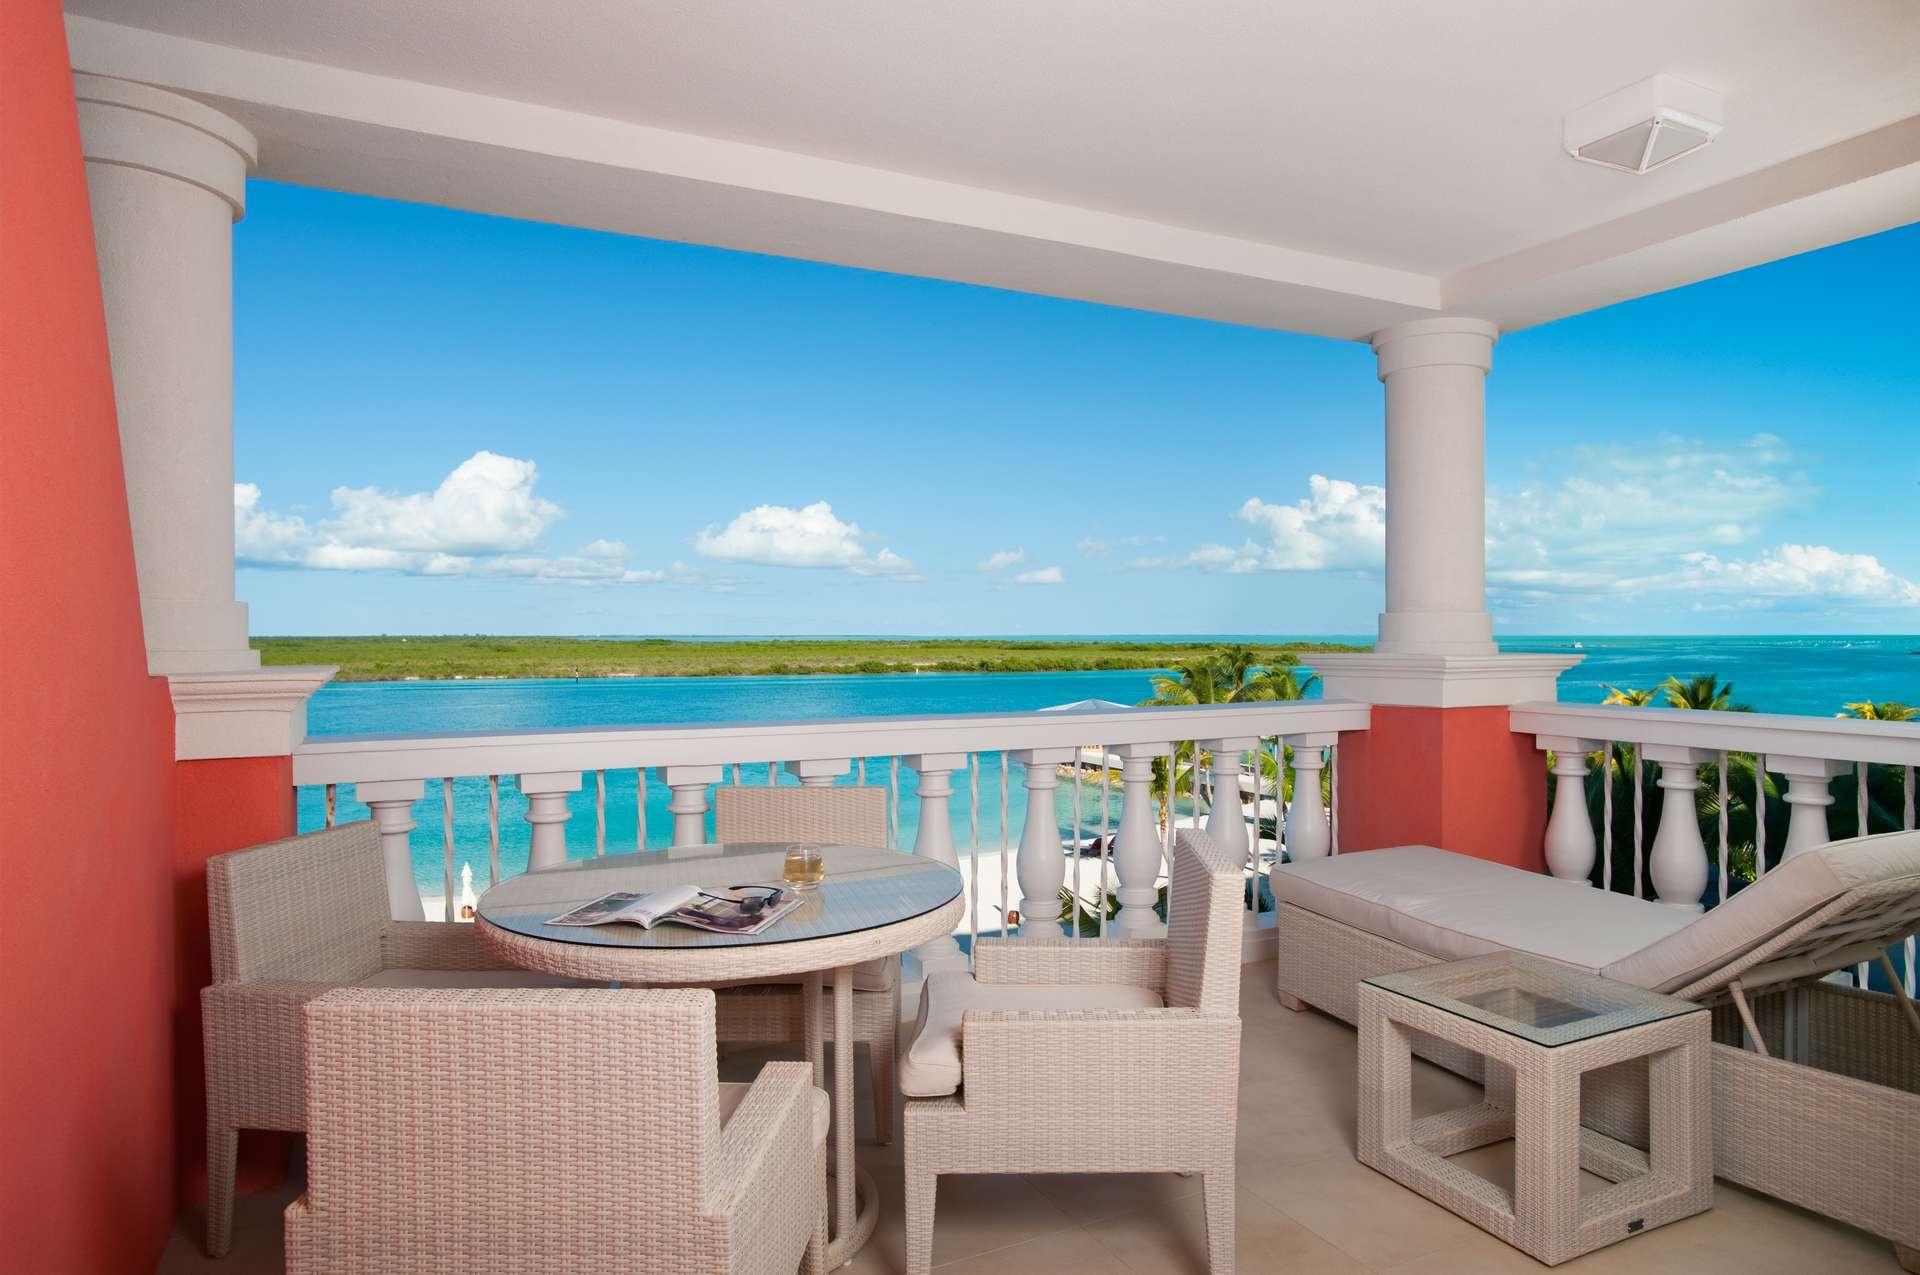 Luxury villa rentals caribbean - Turks and caicos - Providenciales - Blue haven resort - Ocean Front Suites | 1 Bedroom - Image 1/5